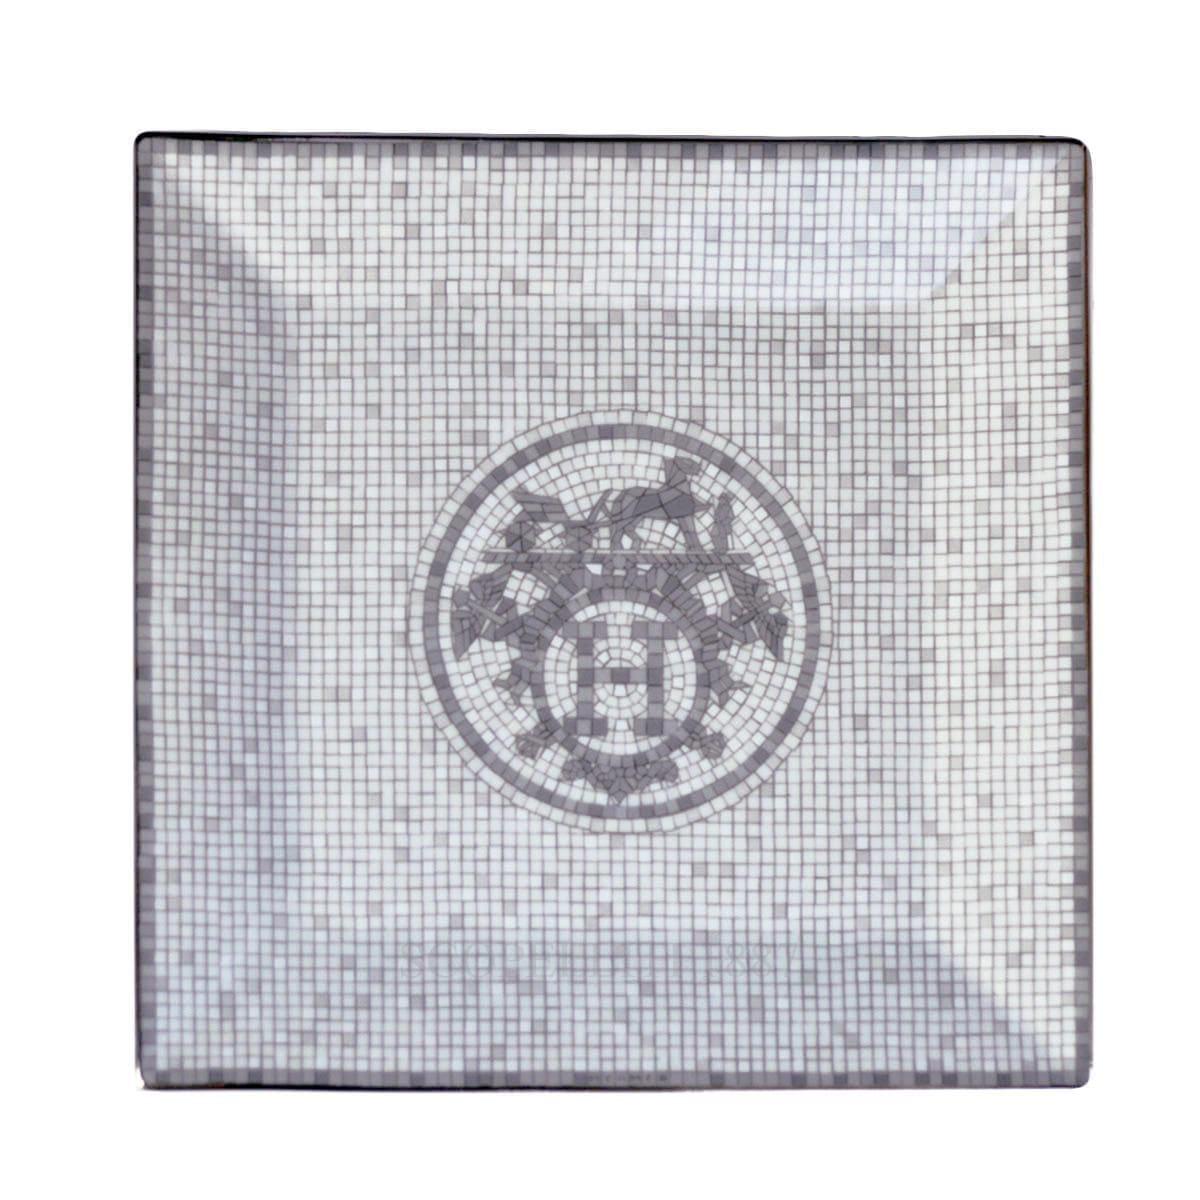 hermes paris designer mosaique au platinum square plate